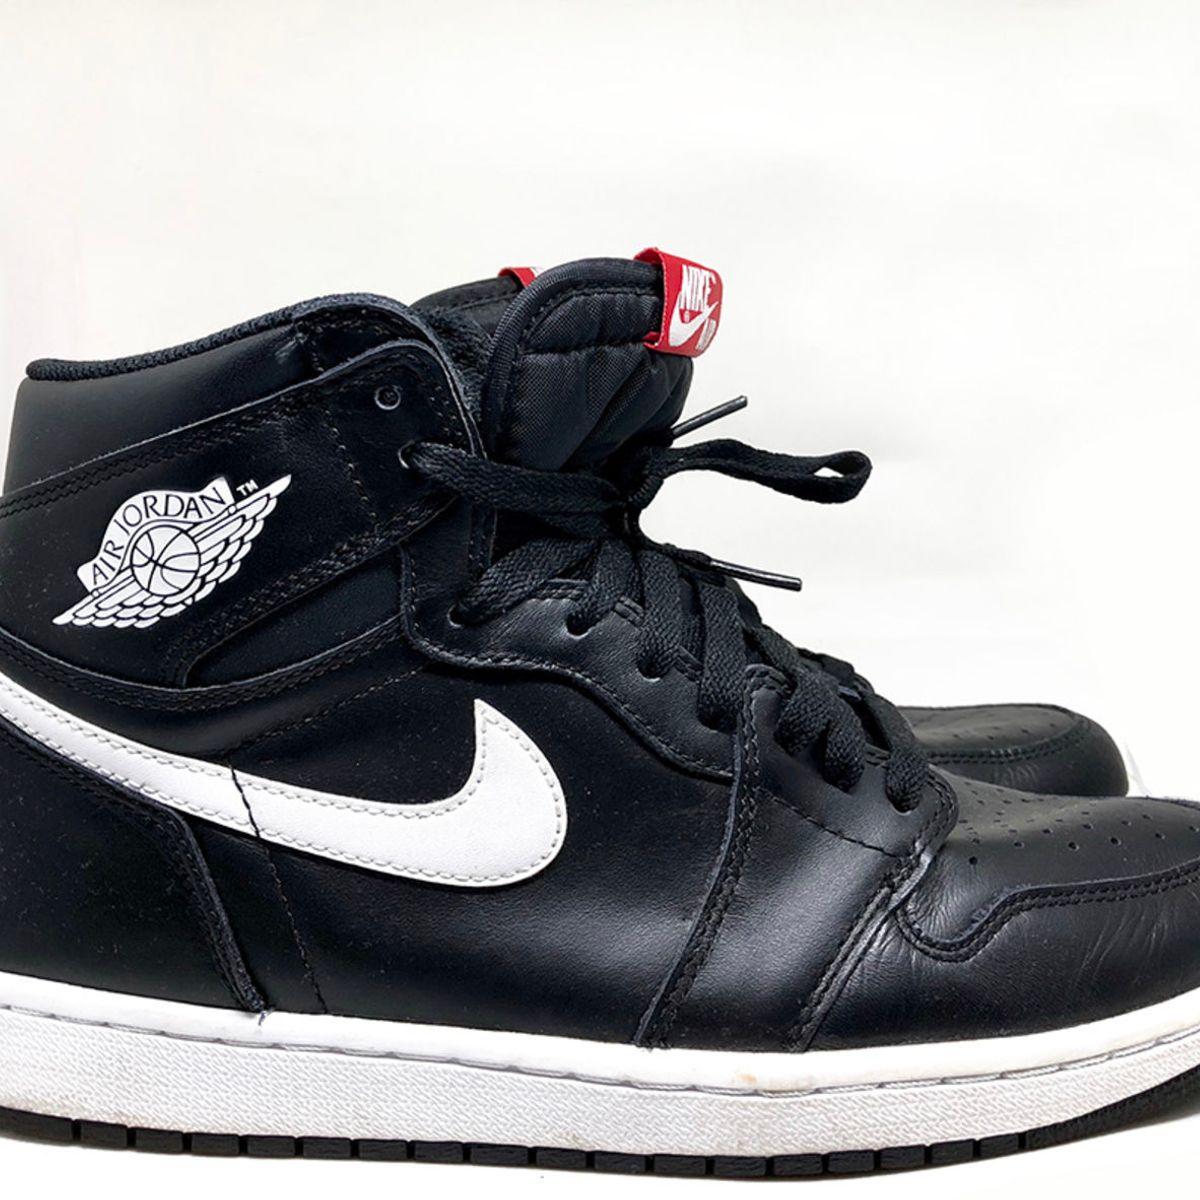 5c2defffeab Nike Air Jordan 1 Retro Yin Yang Black